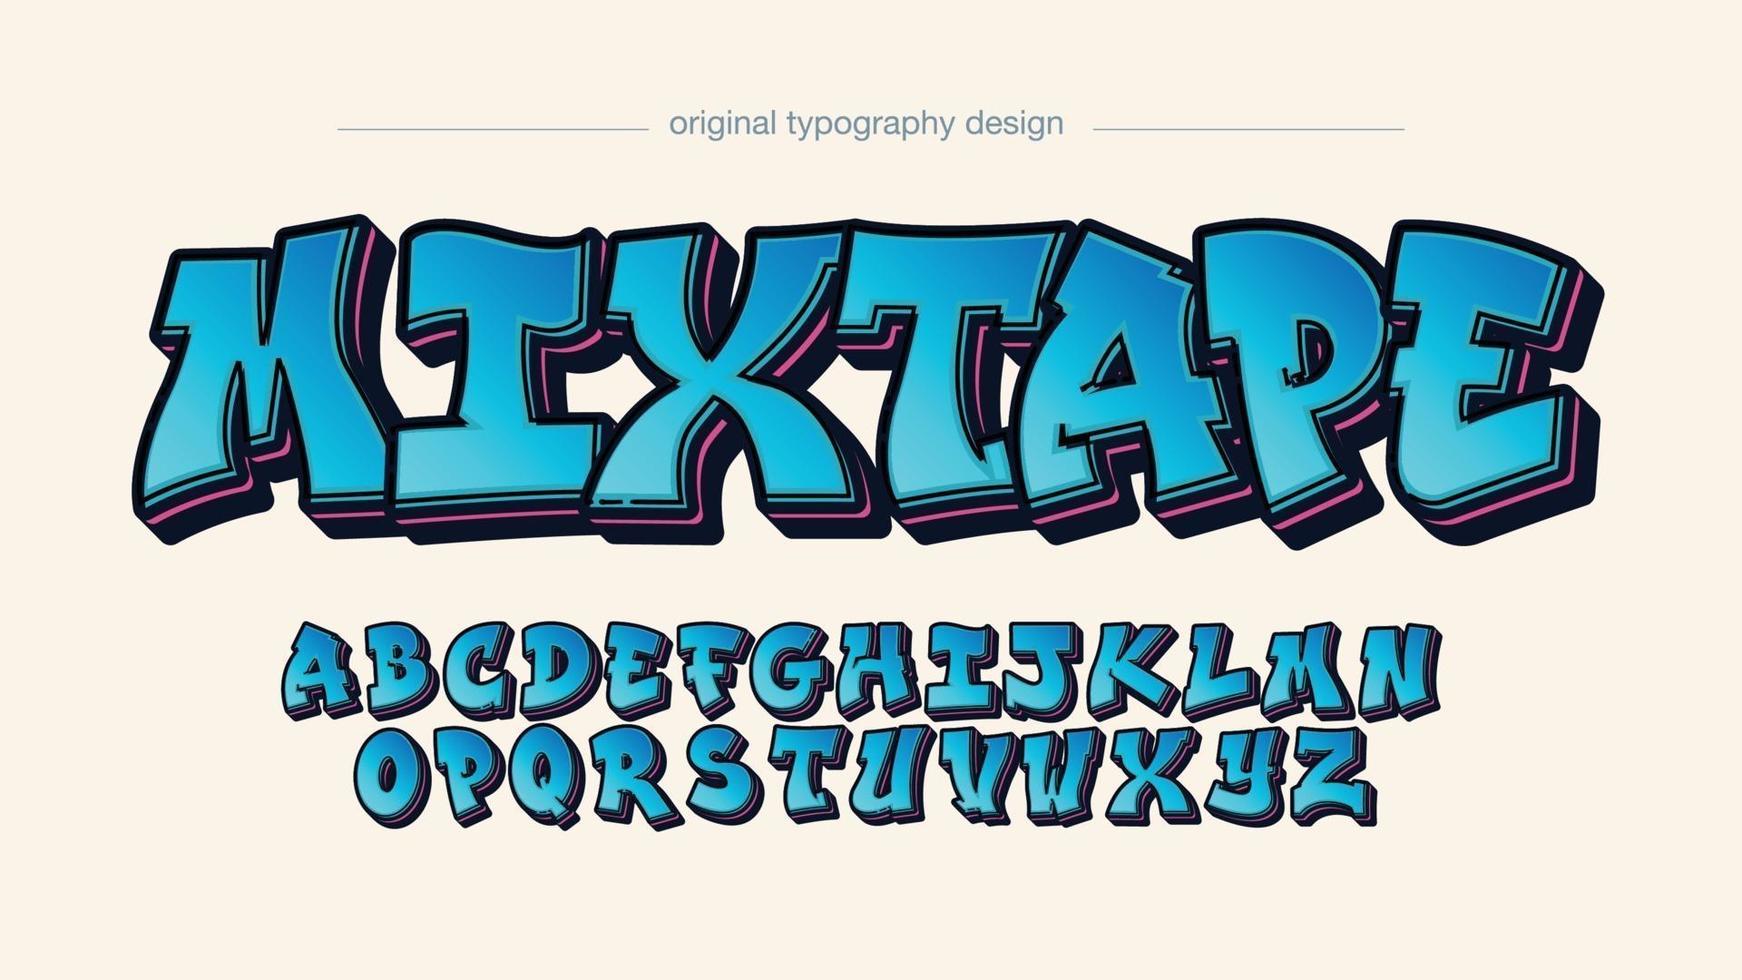 tipografia de grafite 3d azul vetor